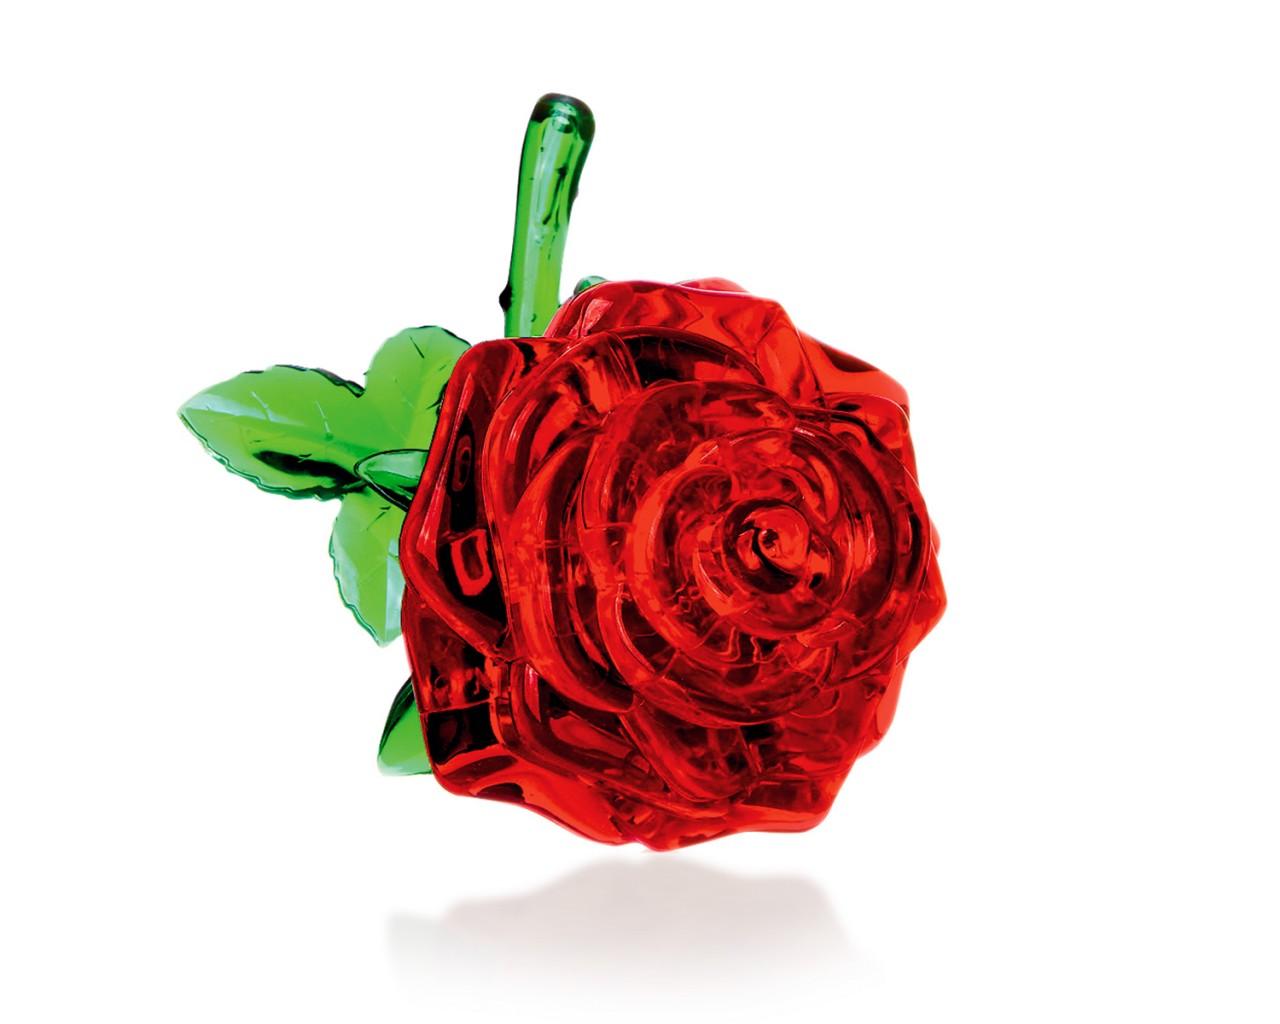 Как собрать 3д пазл роза 22 детали инструкция